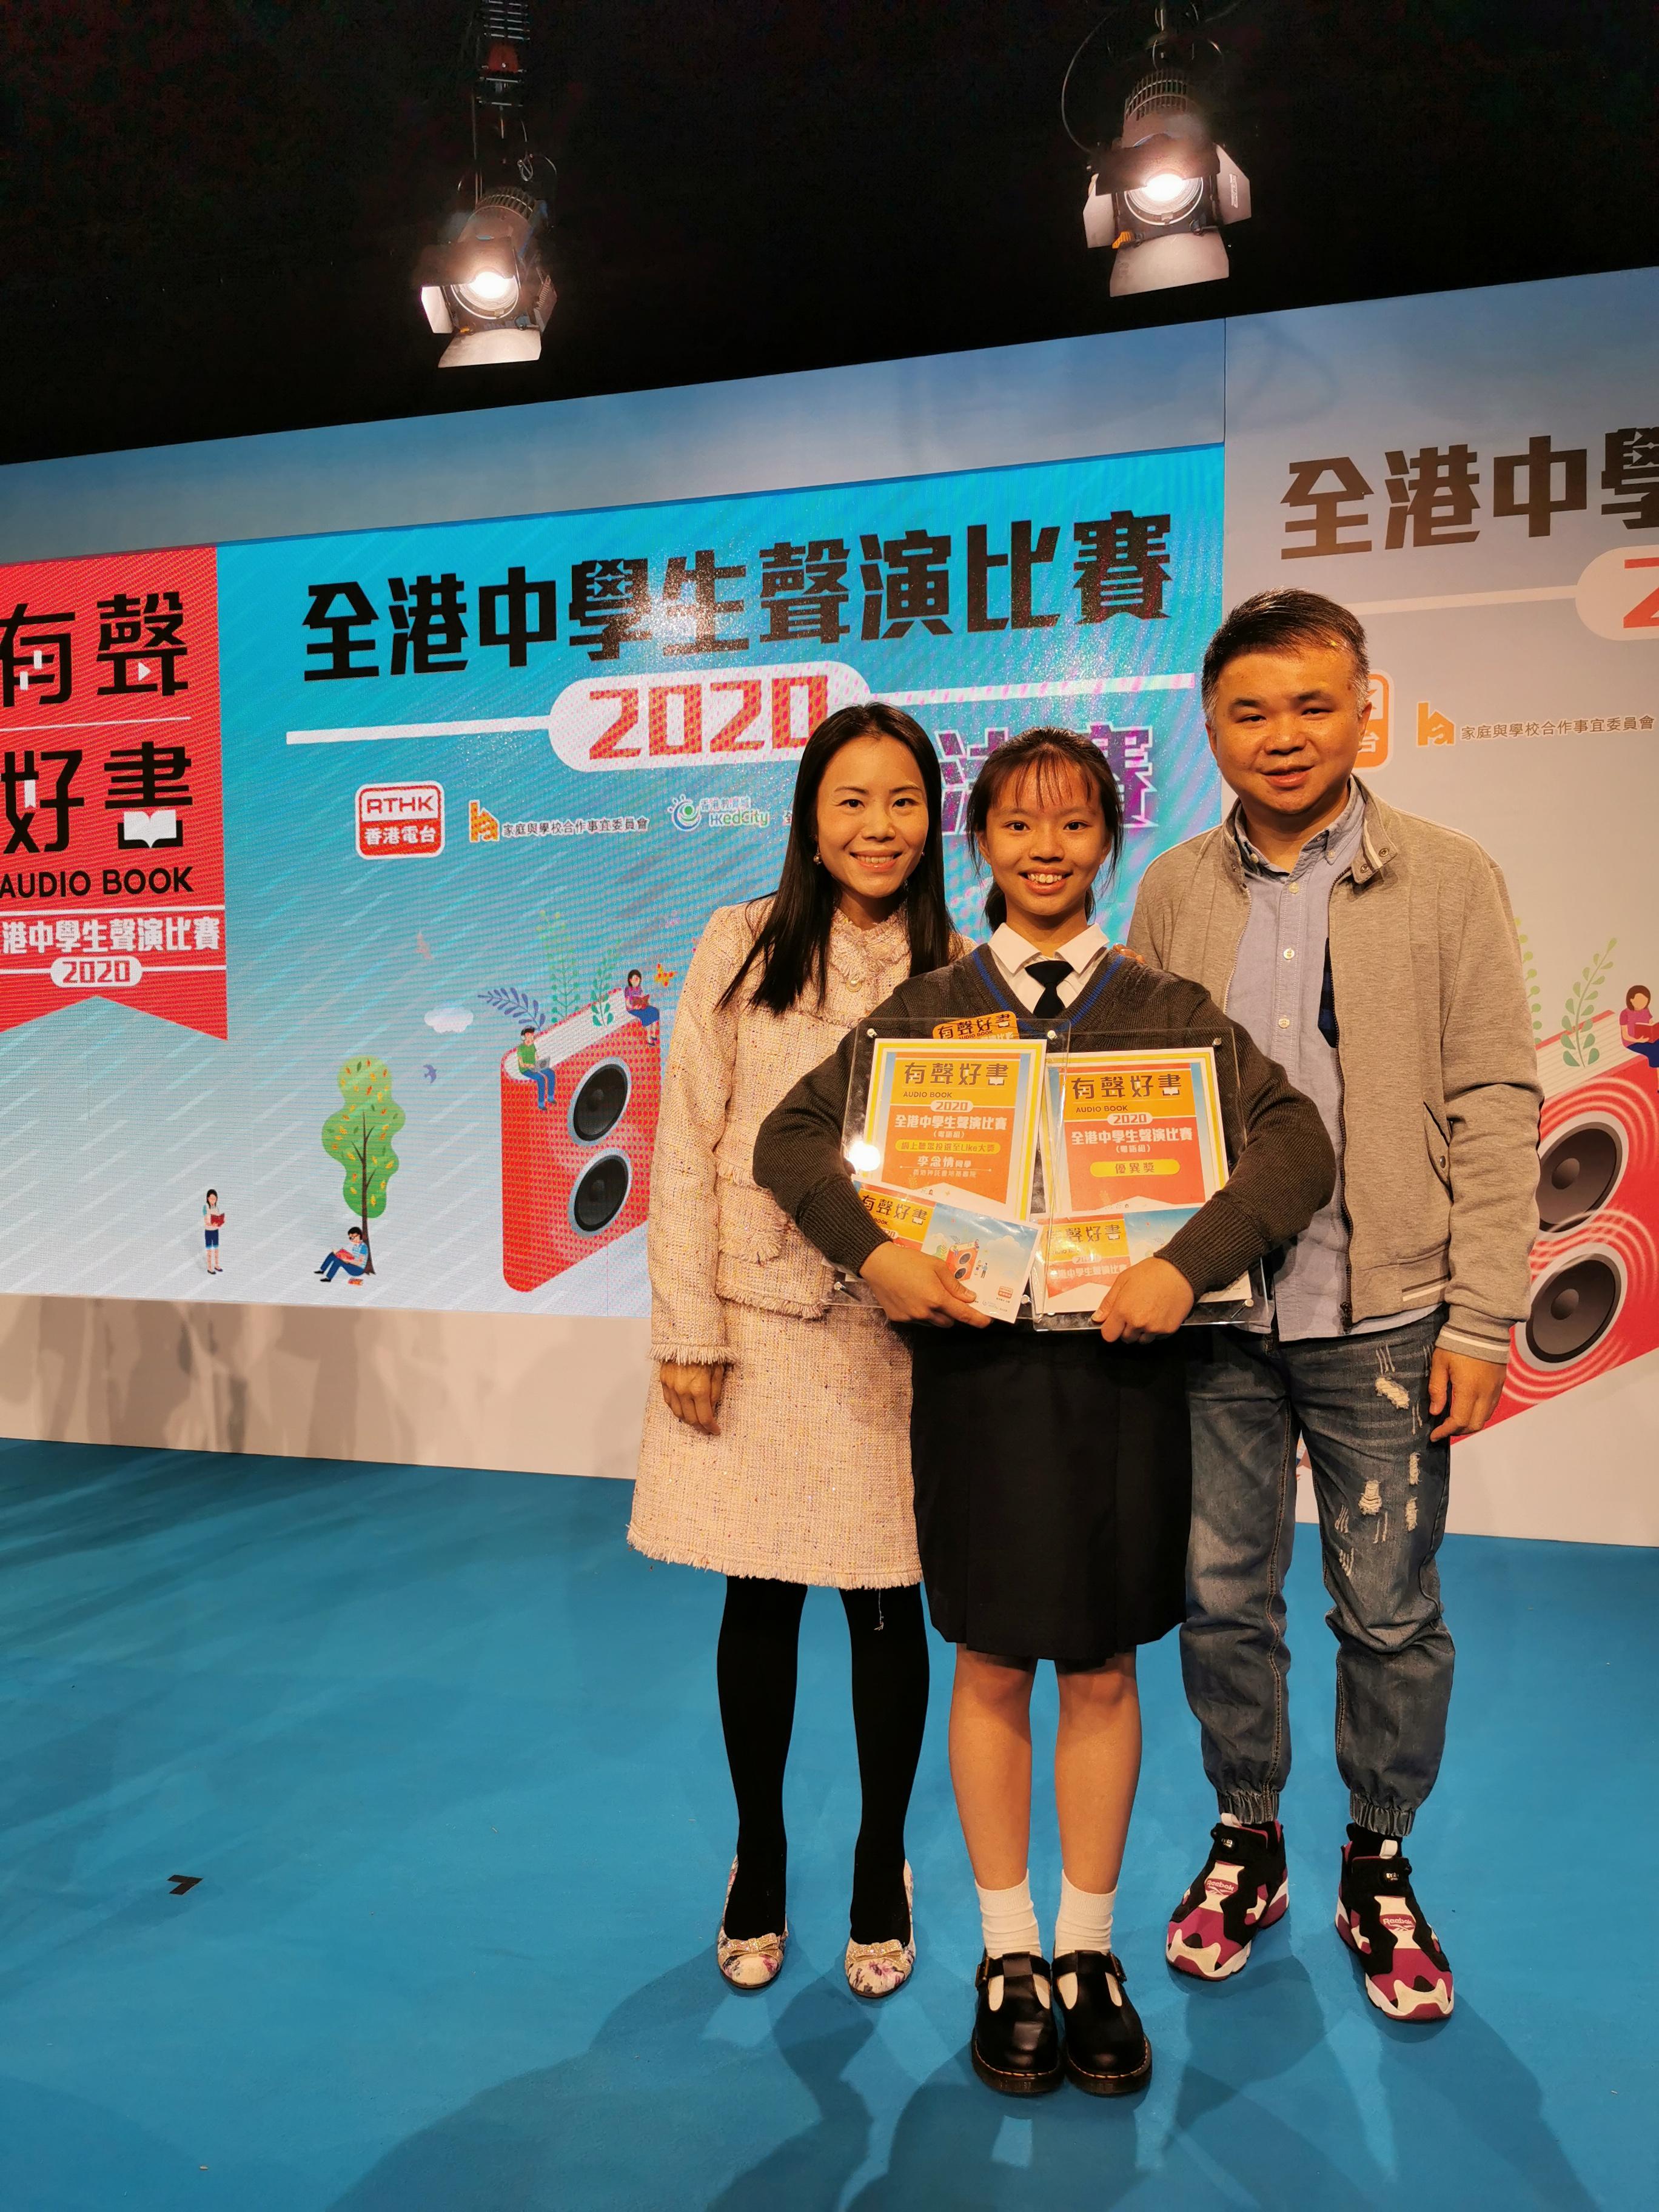 李念情同學入選「有聲好書」全港中學生聲演比賽 (2020)十強